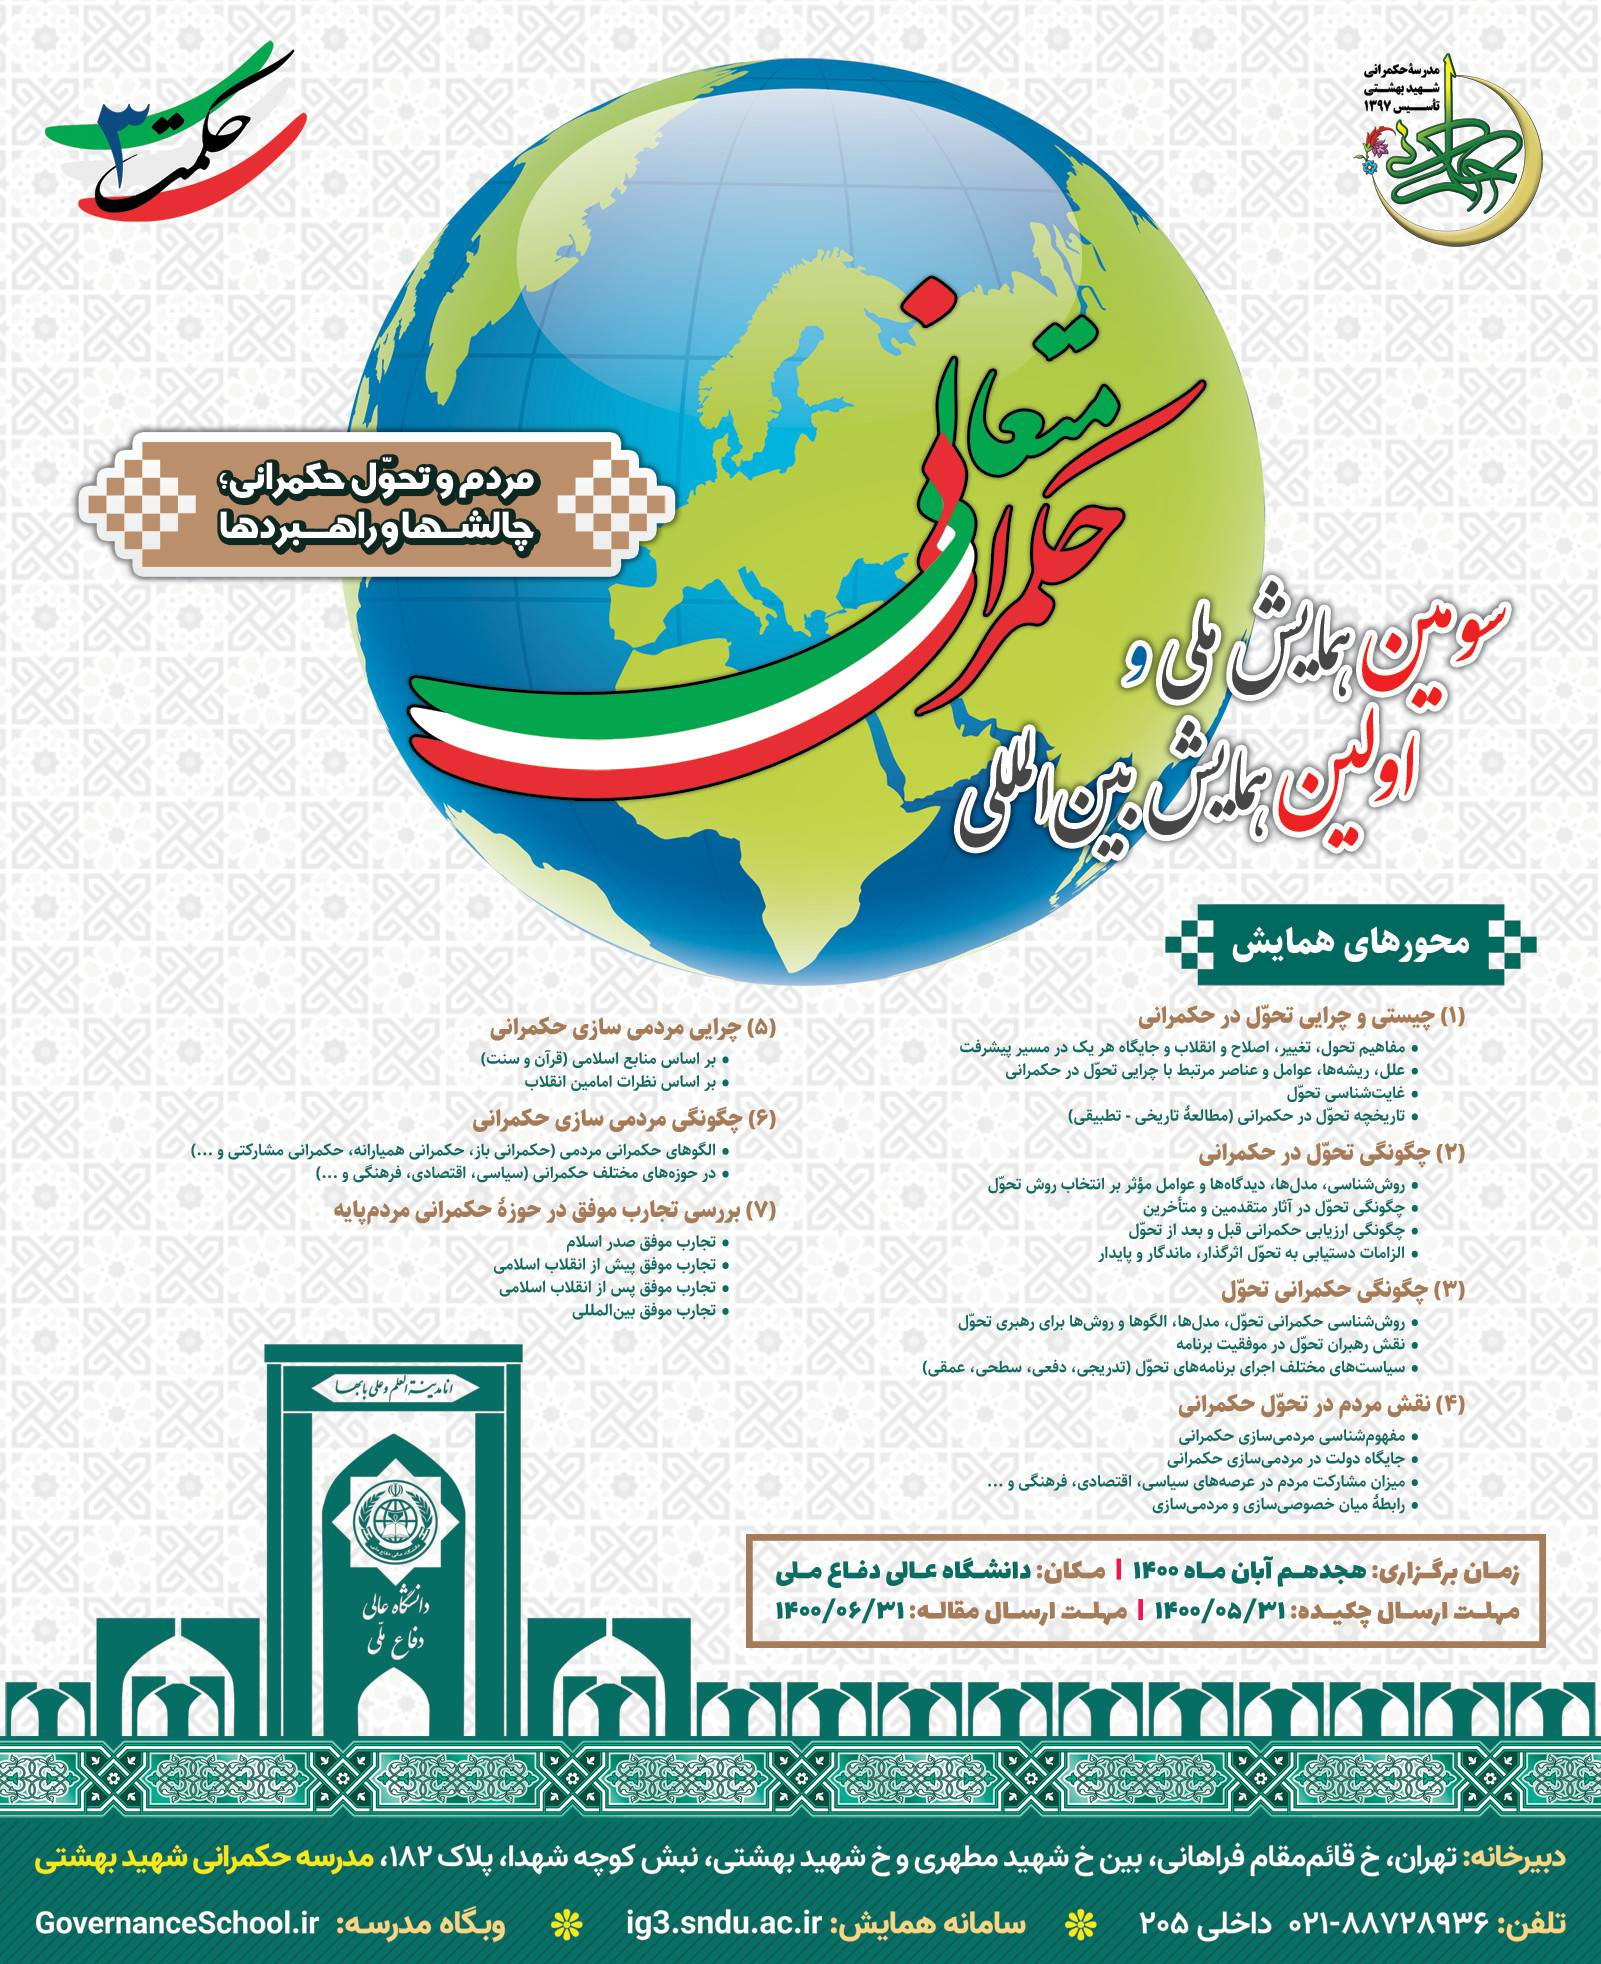 سومین همایش ملی و اولین همایش بینالمللی حکمرانی متعالی